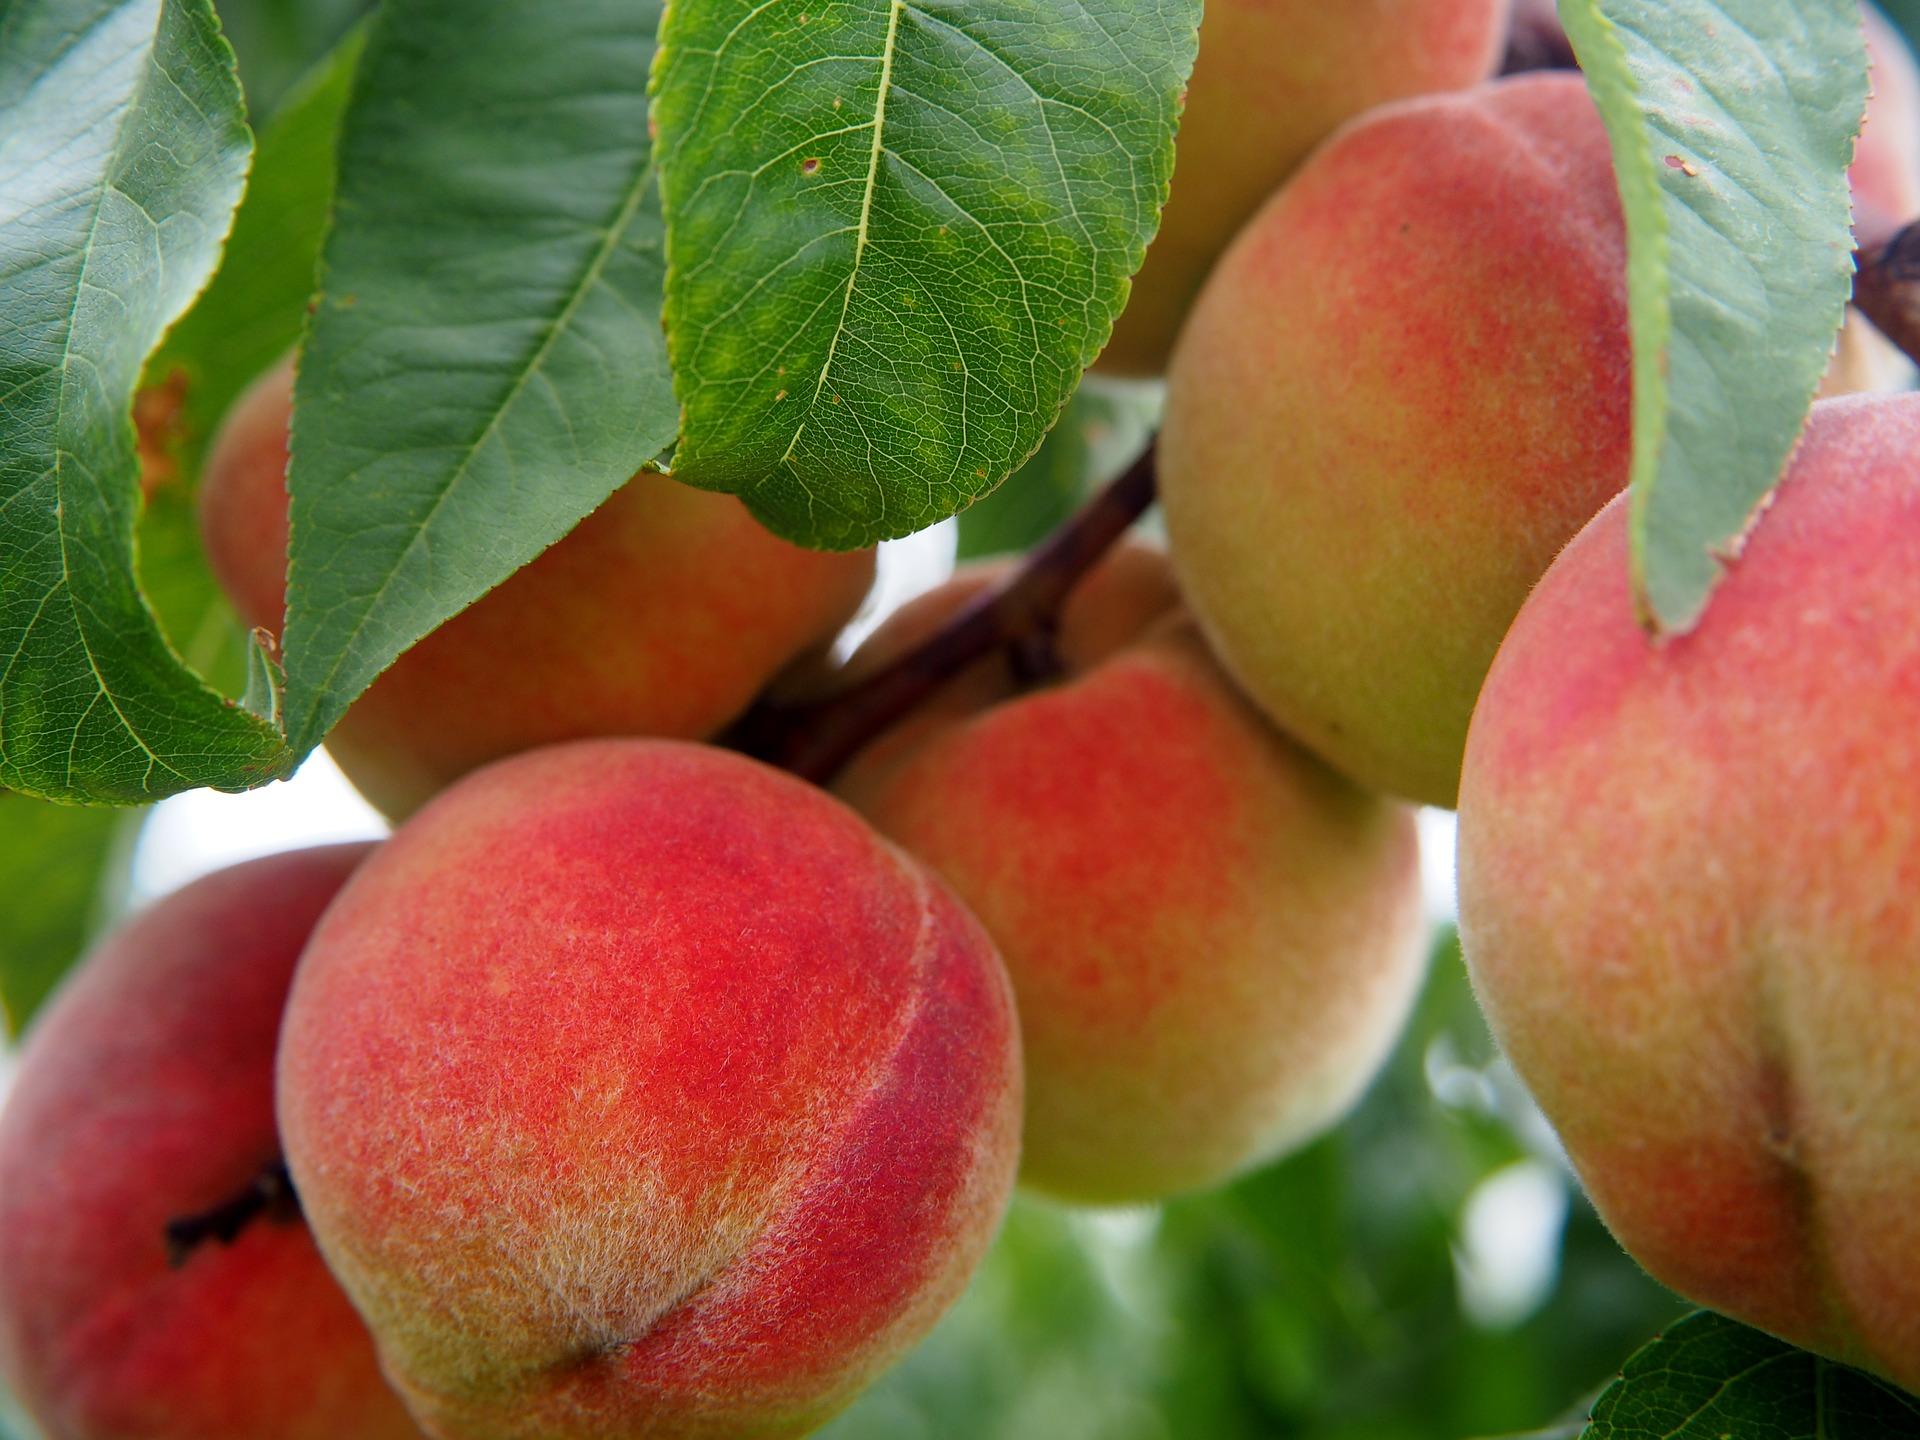 Frost im Frühling schadet ungarischem Obstbau